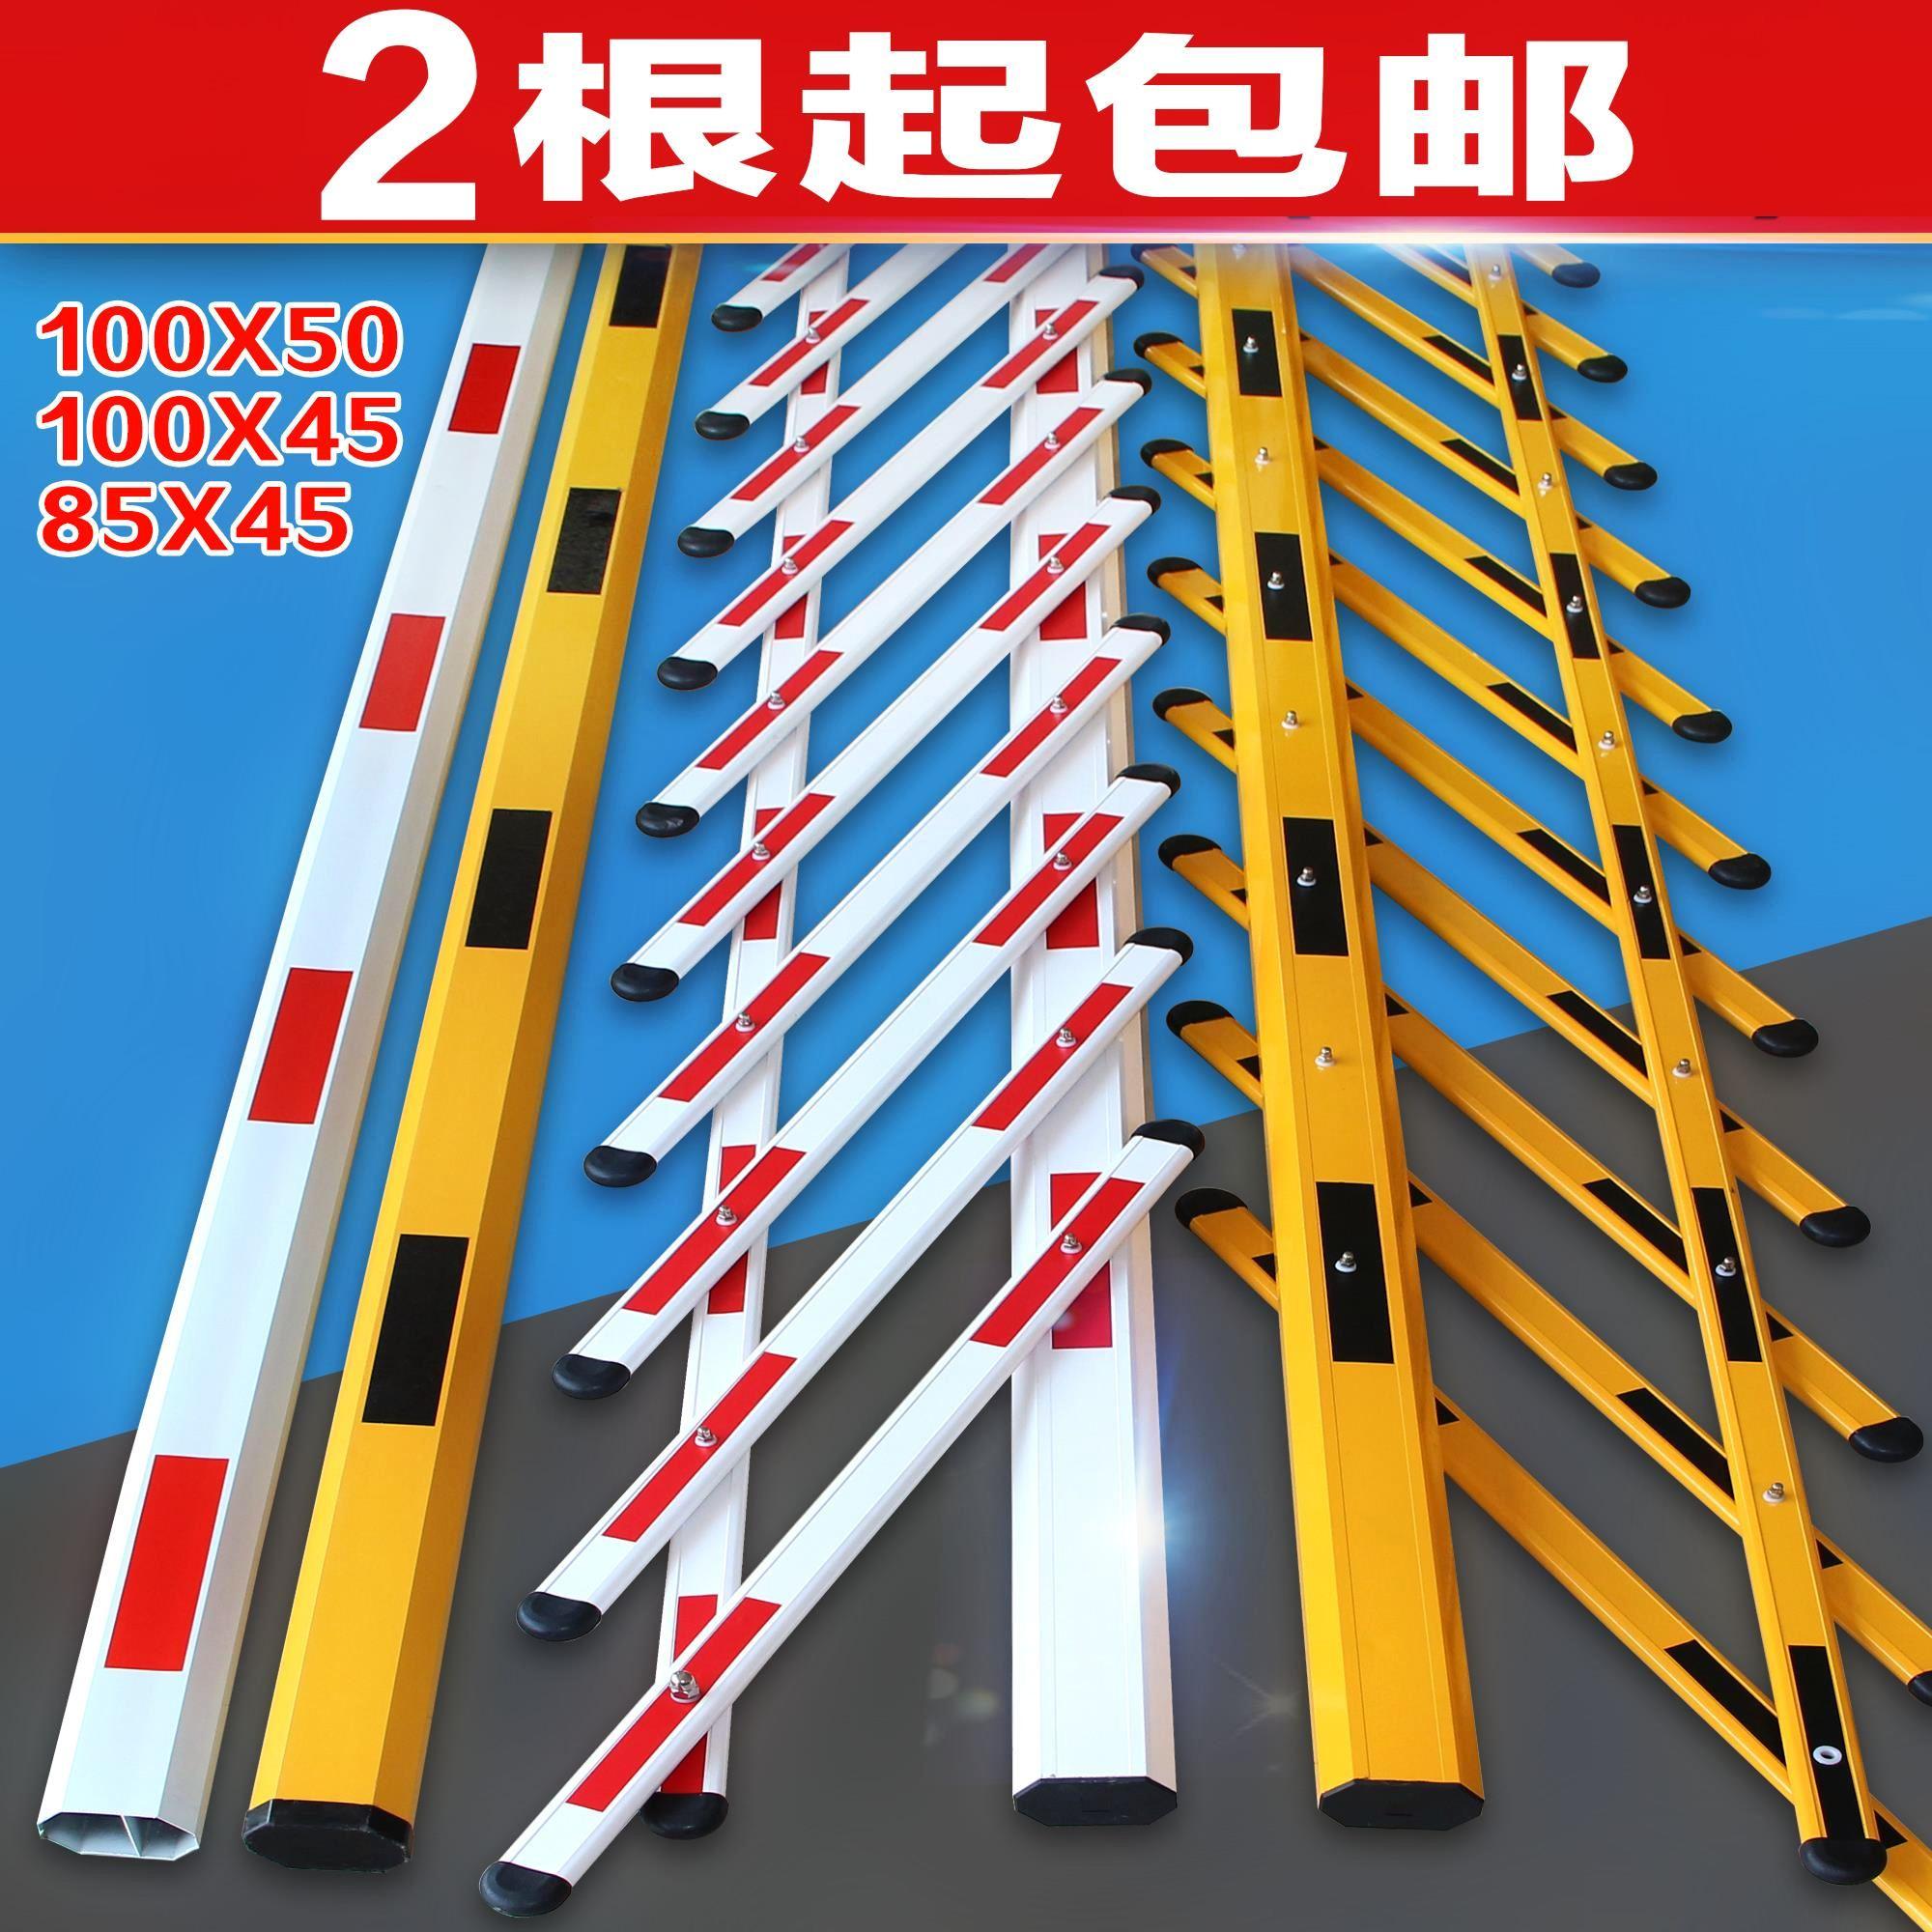 双层栅栏道闸电动 小区大门升降杆 门口加密栏杆 门卫遥控起落杆